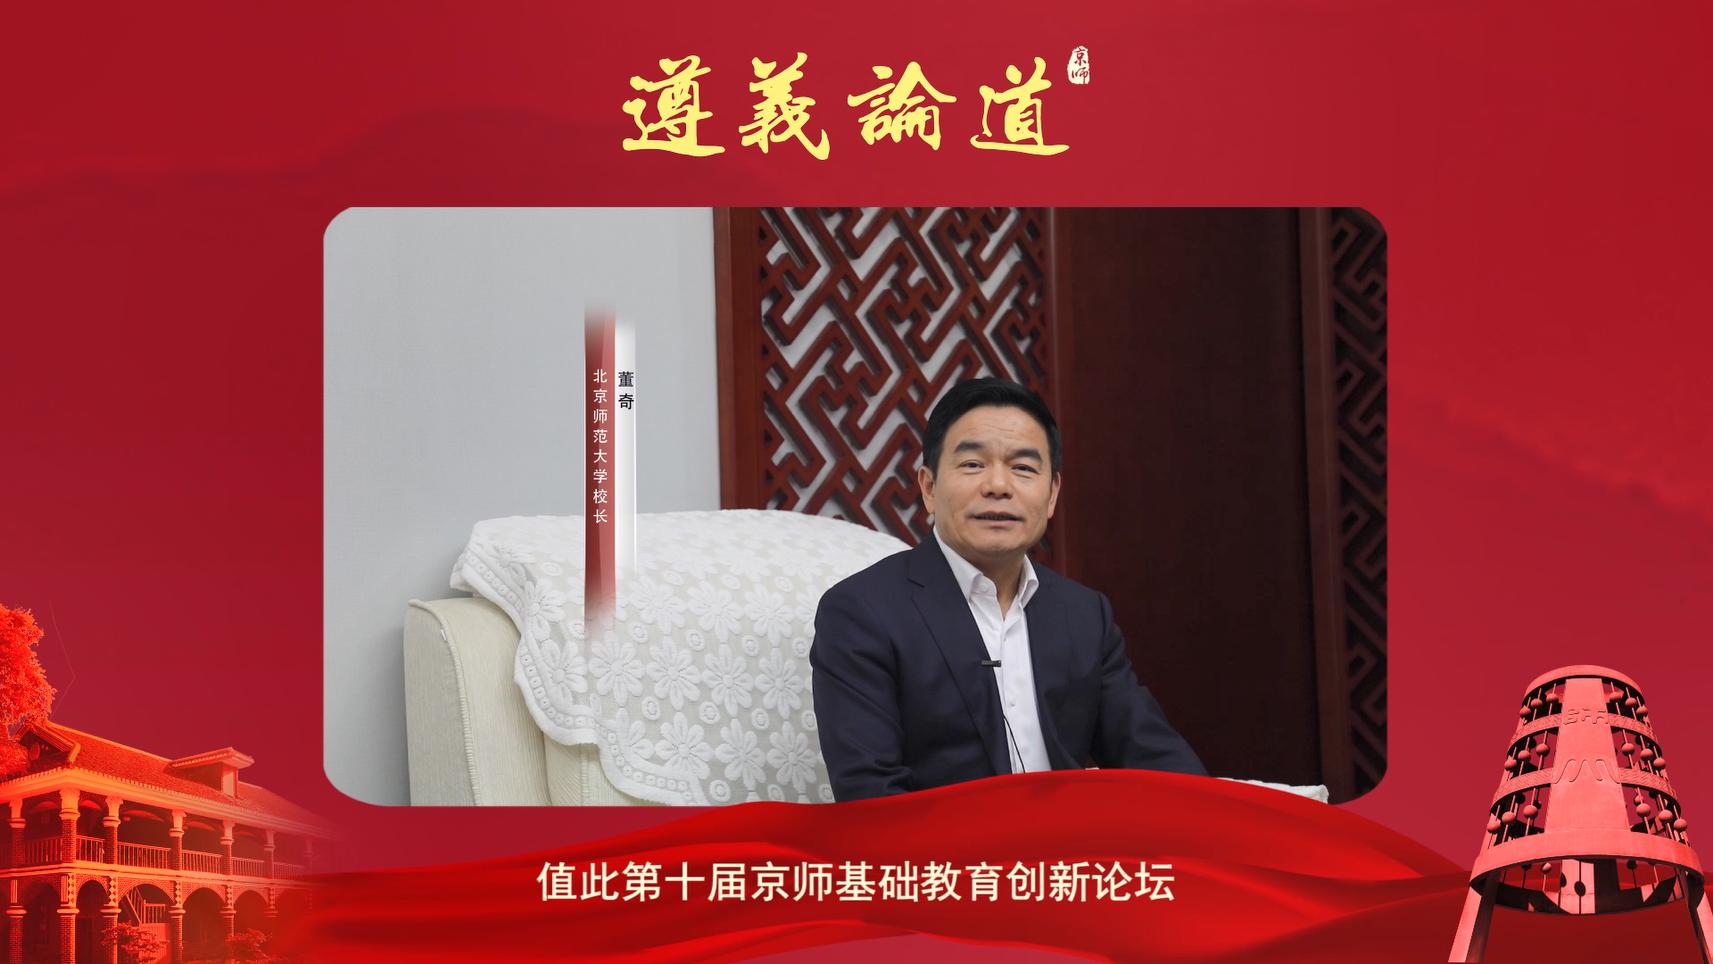 北師大校長董奇教授以祝福視頻的方式對大會的召開表達了祝賀